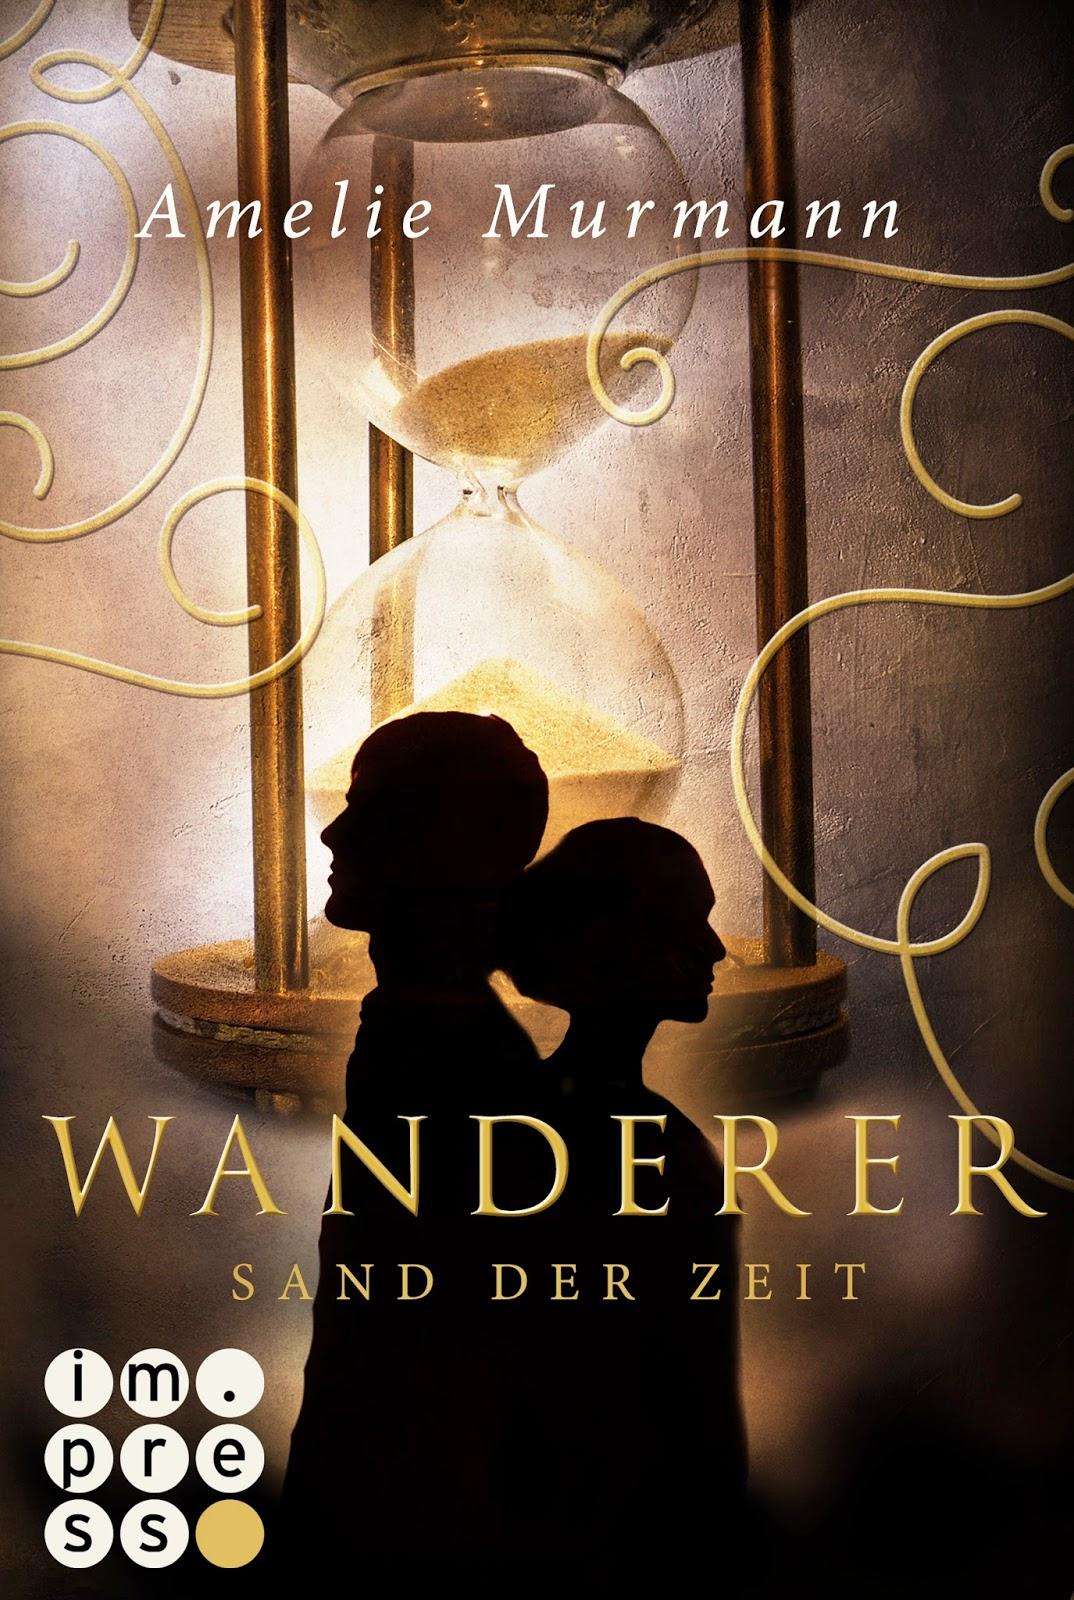 Wanderer - Sand der Zeit von Amelie Murmann